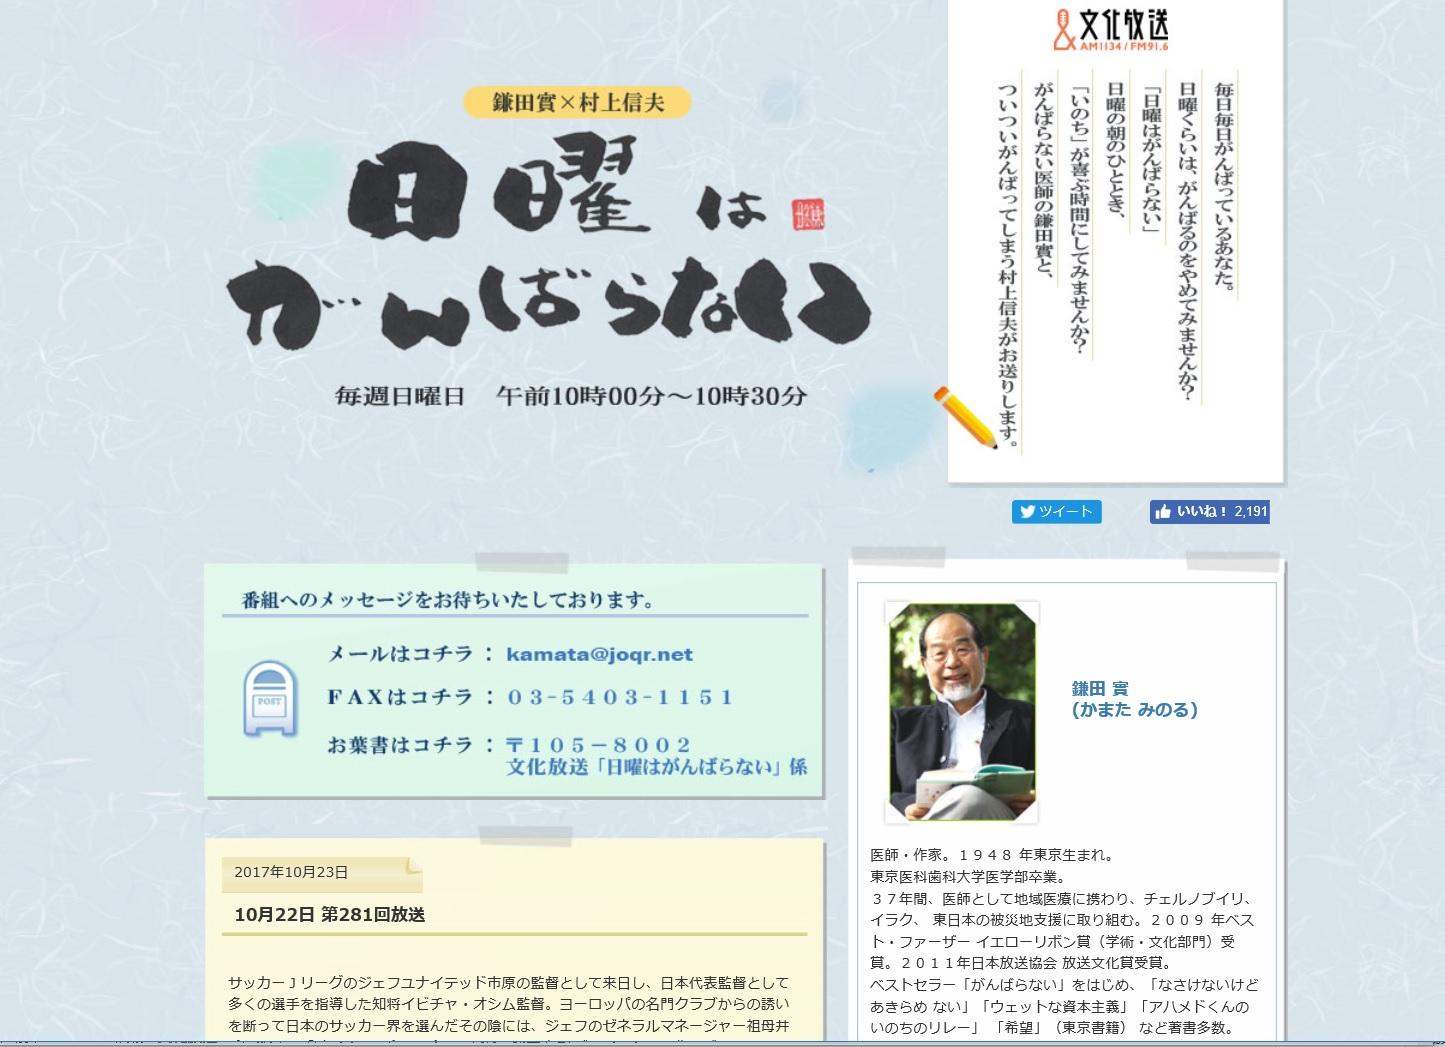 【大地康雄さん出演情報】AMラジオ文化放送11月29日